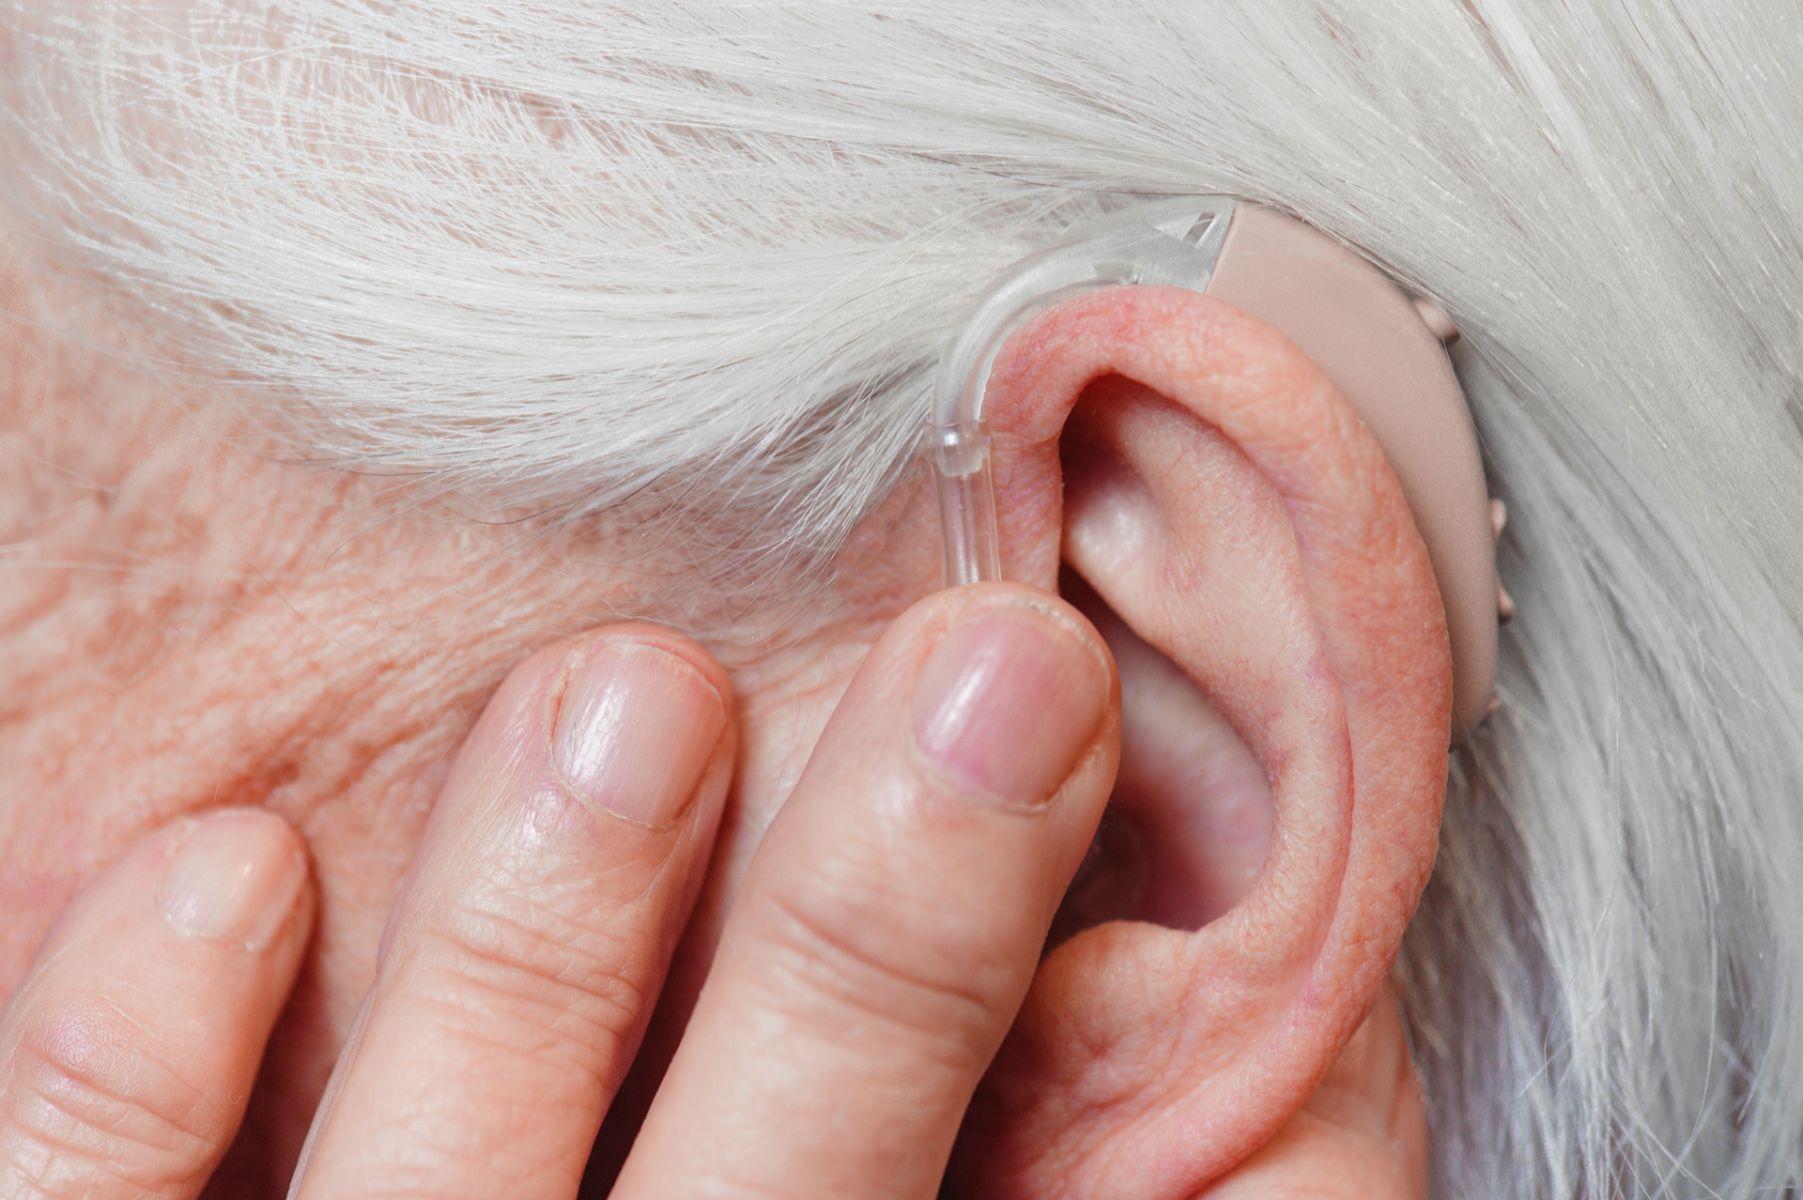 人工電子耳  可能助聾啞人士、中年失聰者找回聽力